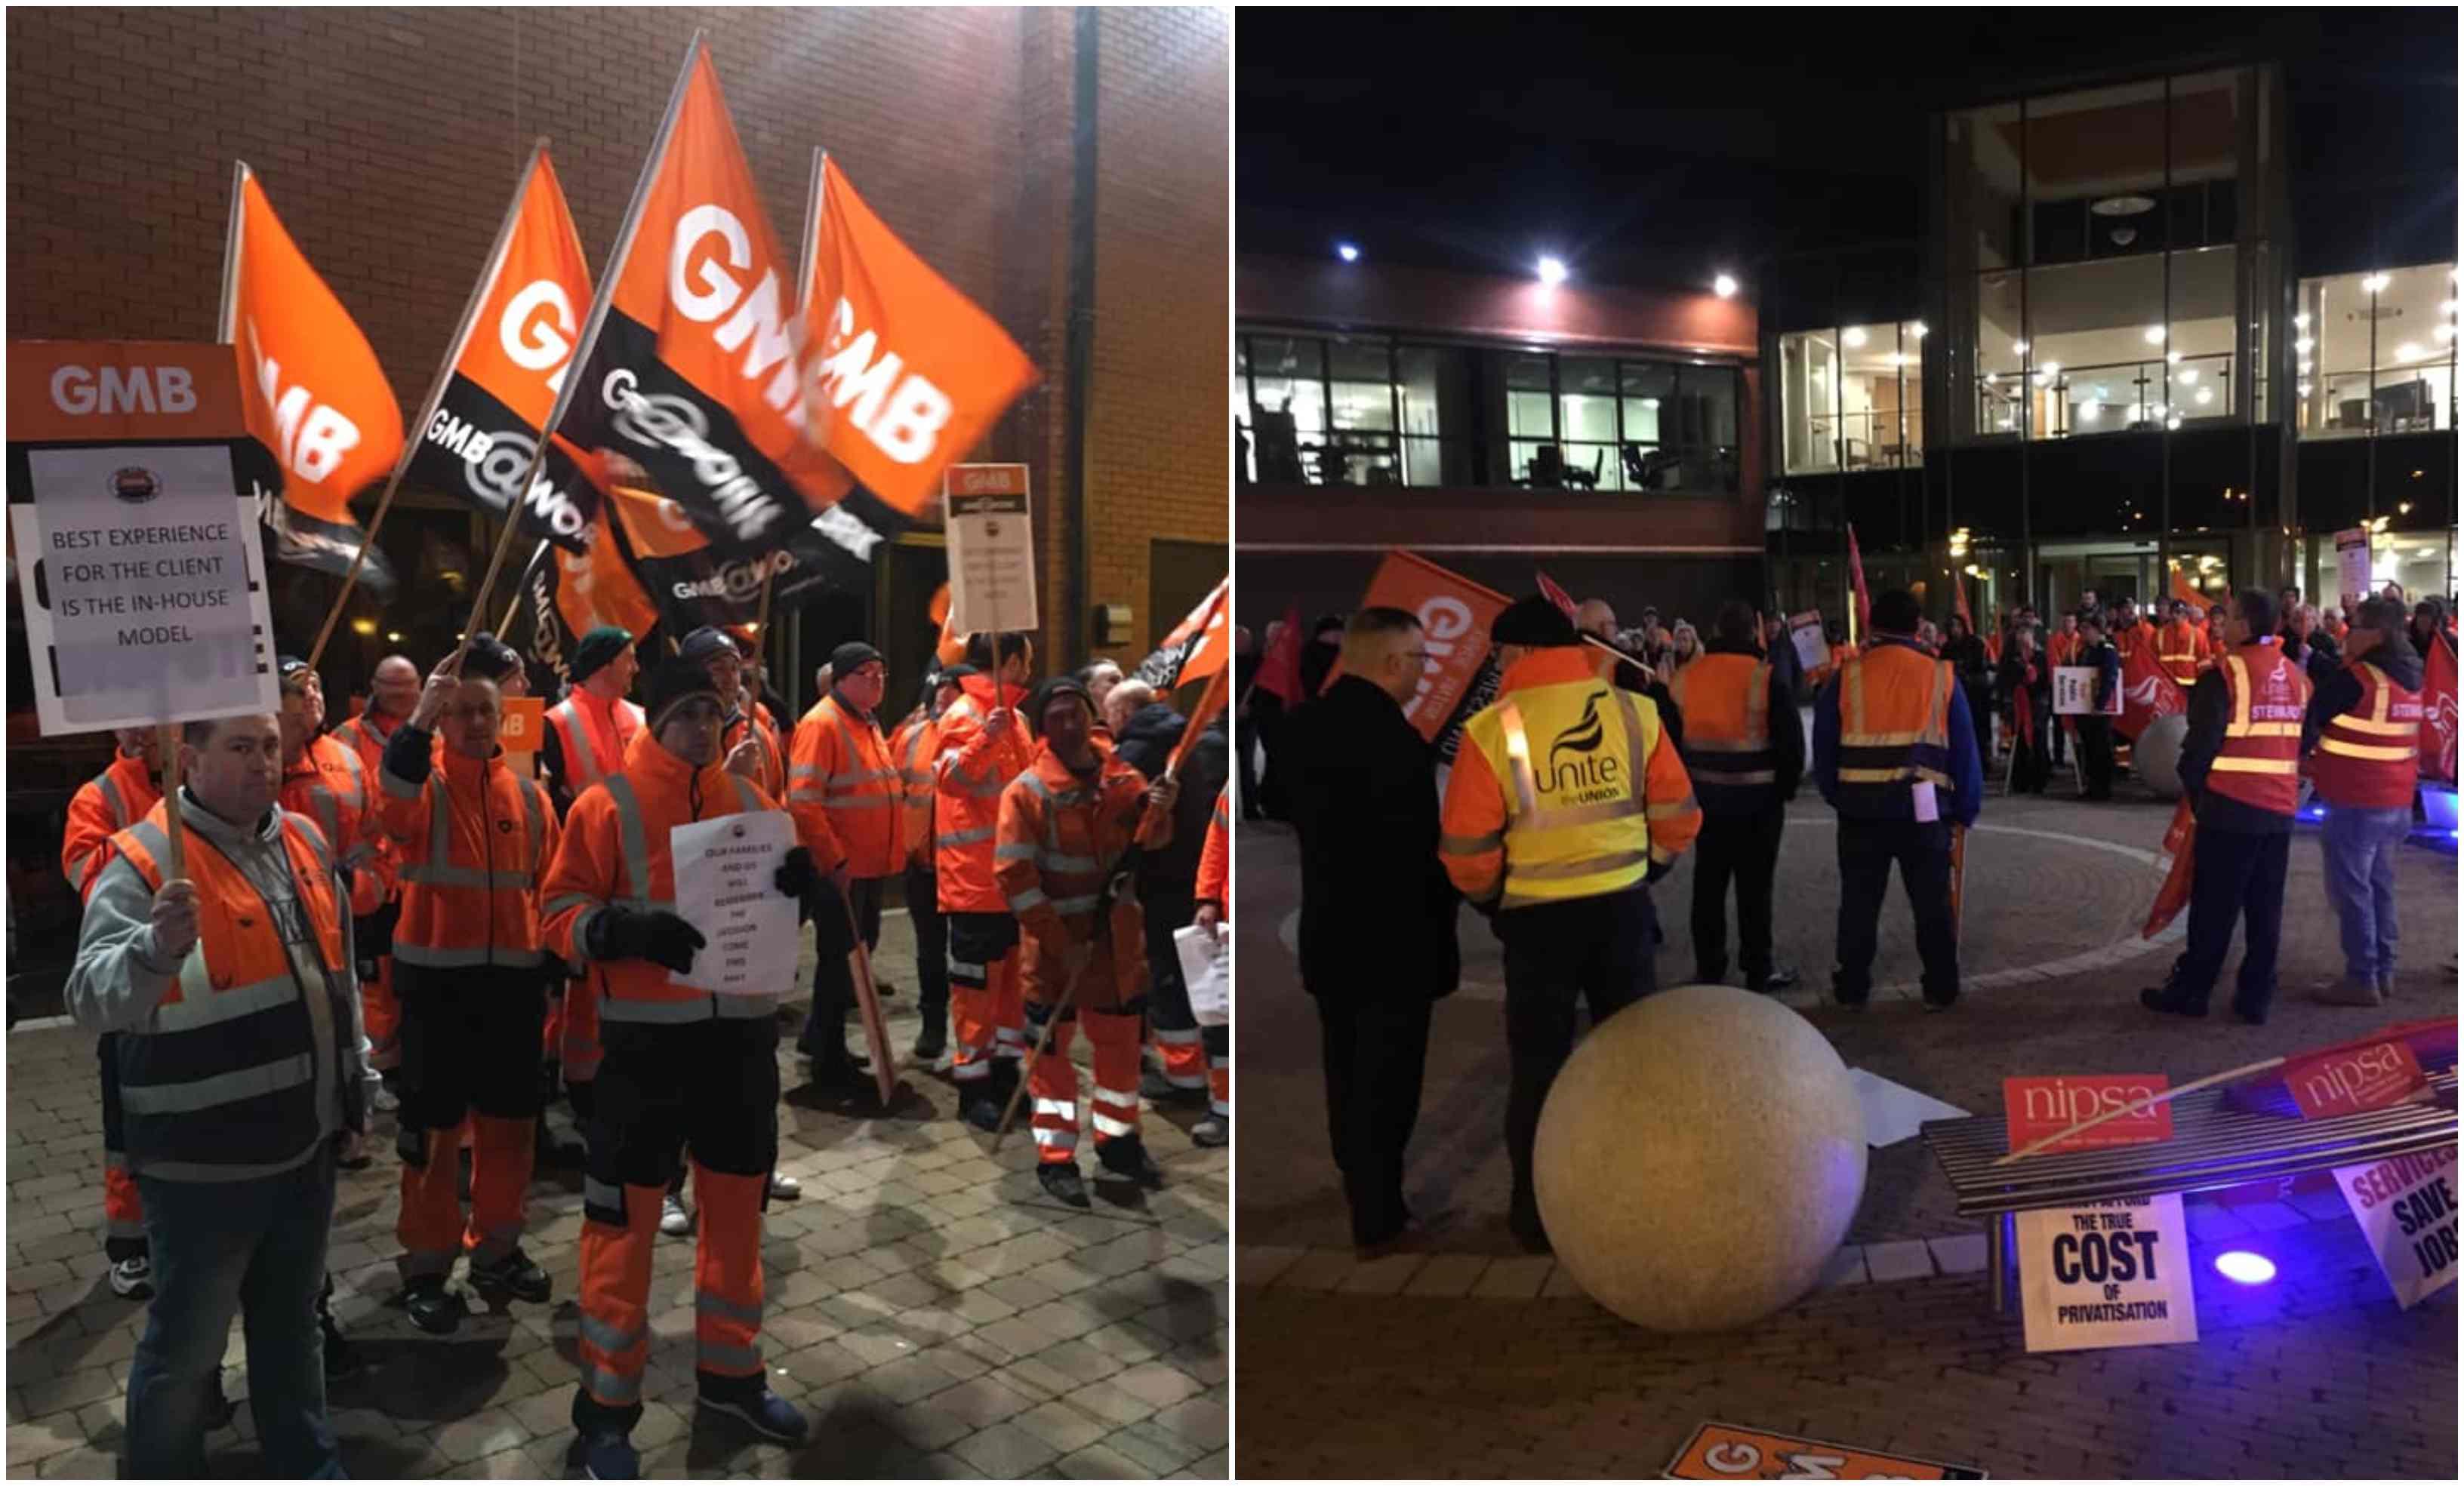 Protestors outside Craigavon Civic Centre